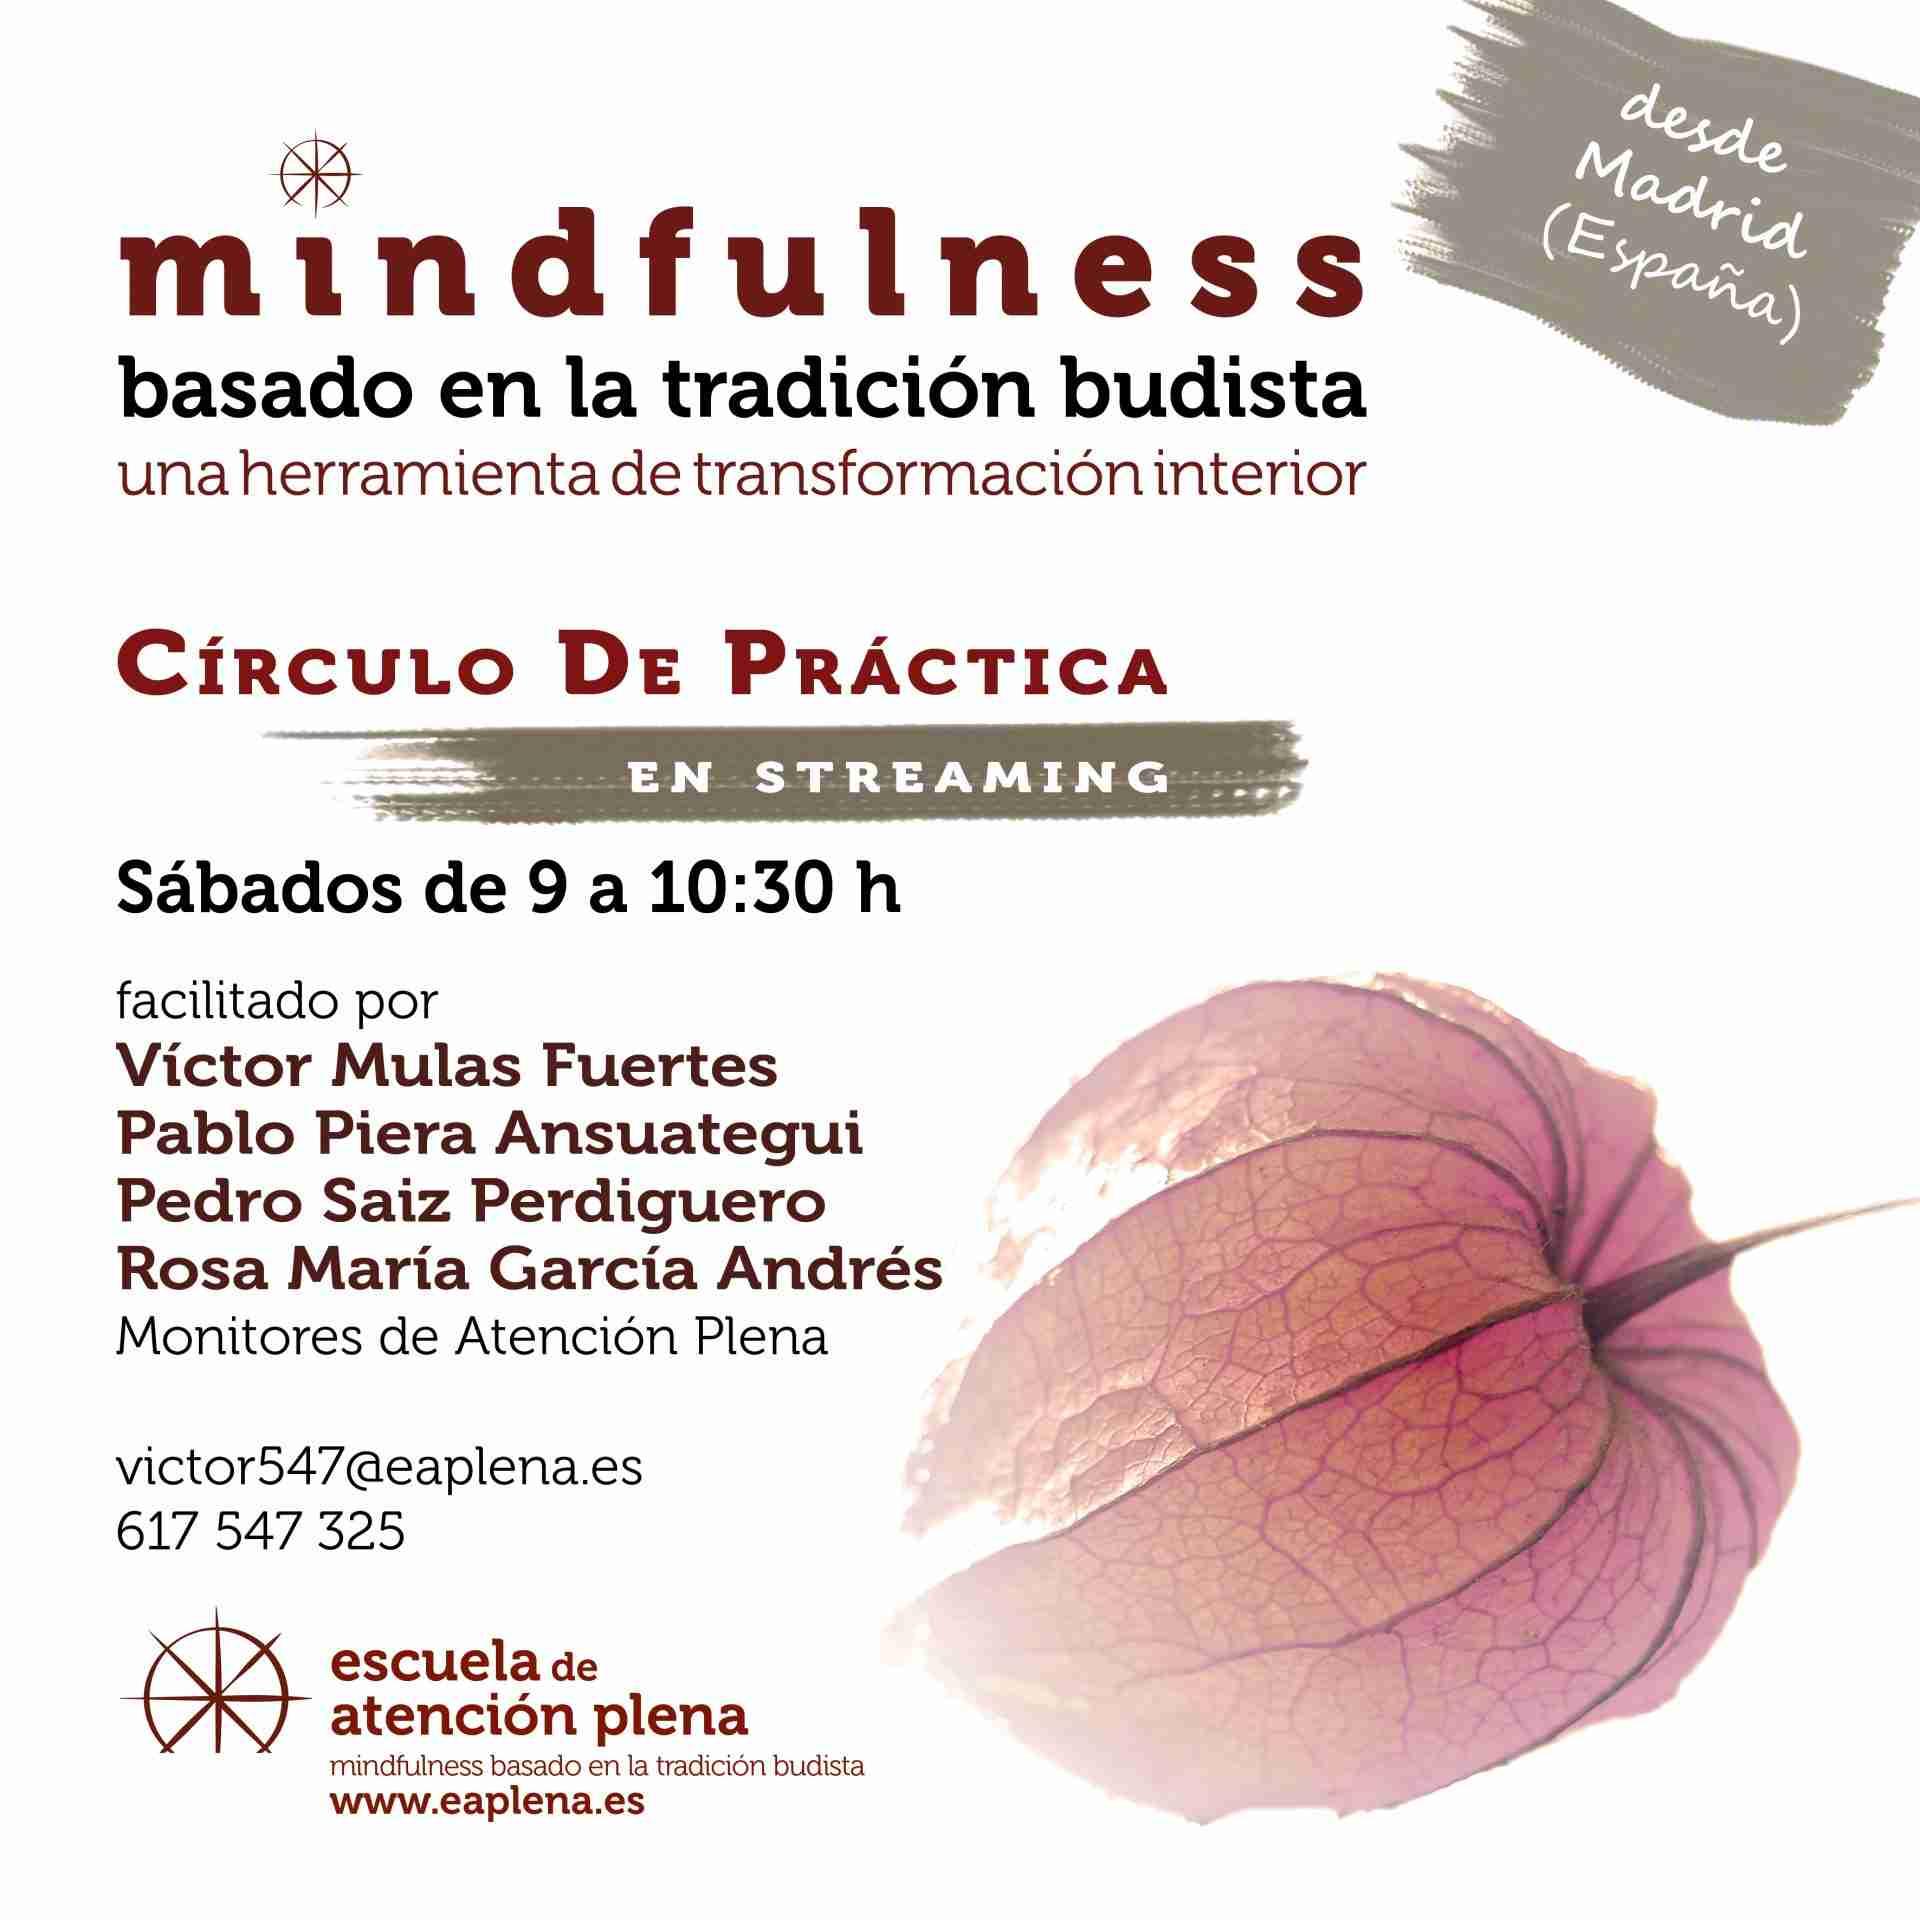 Circulo de Práctica en streaming 3 360 García Andrés Rosa María Miércoles 10